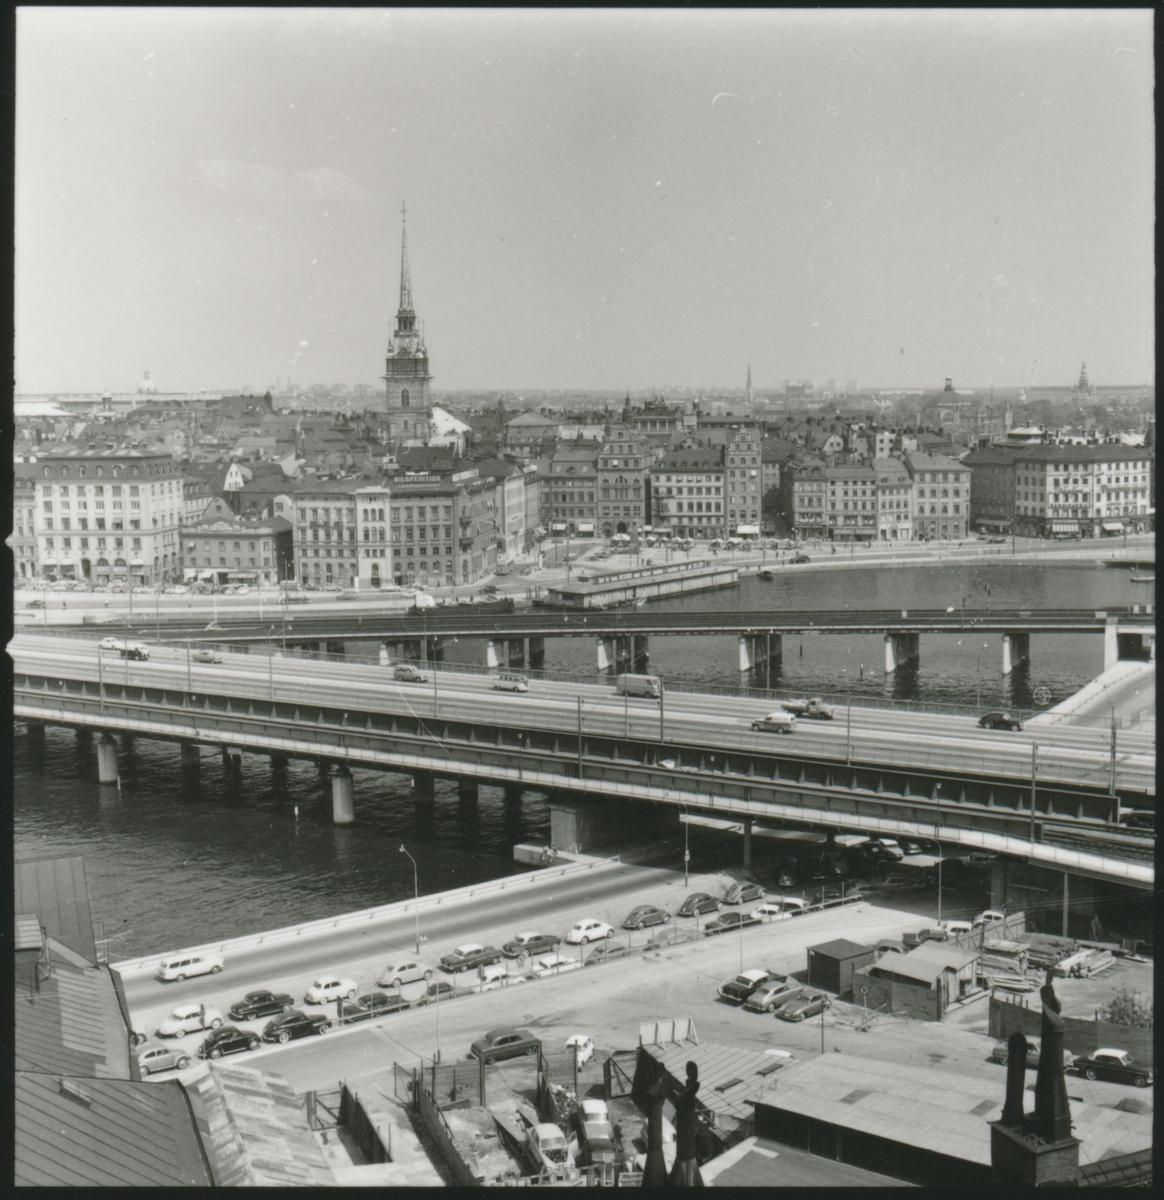 Vy över Södra Mälarstrand och del av Södra Järnvägsbron. Tyska kyrkan och Gamla stan i bakre delen av fotot.